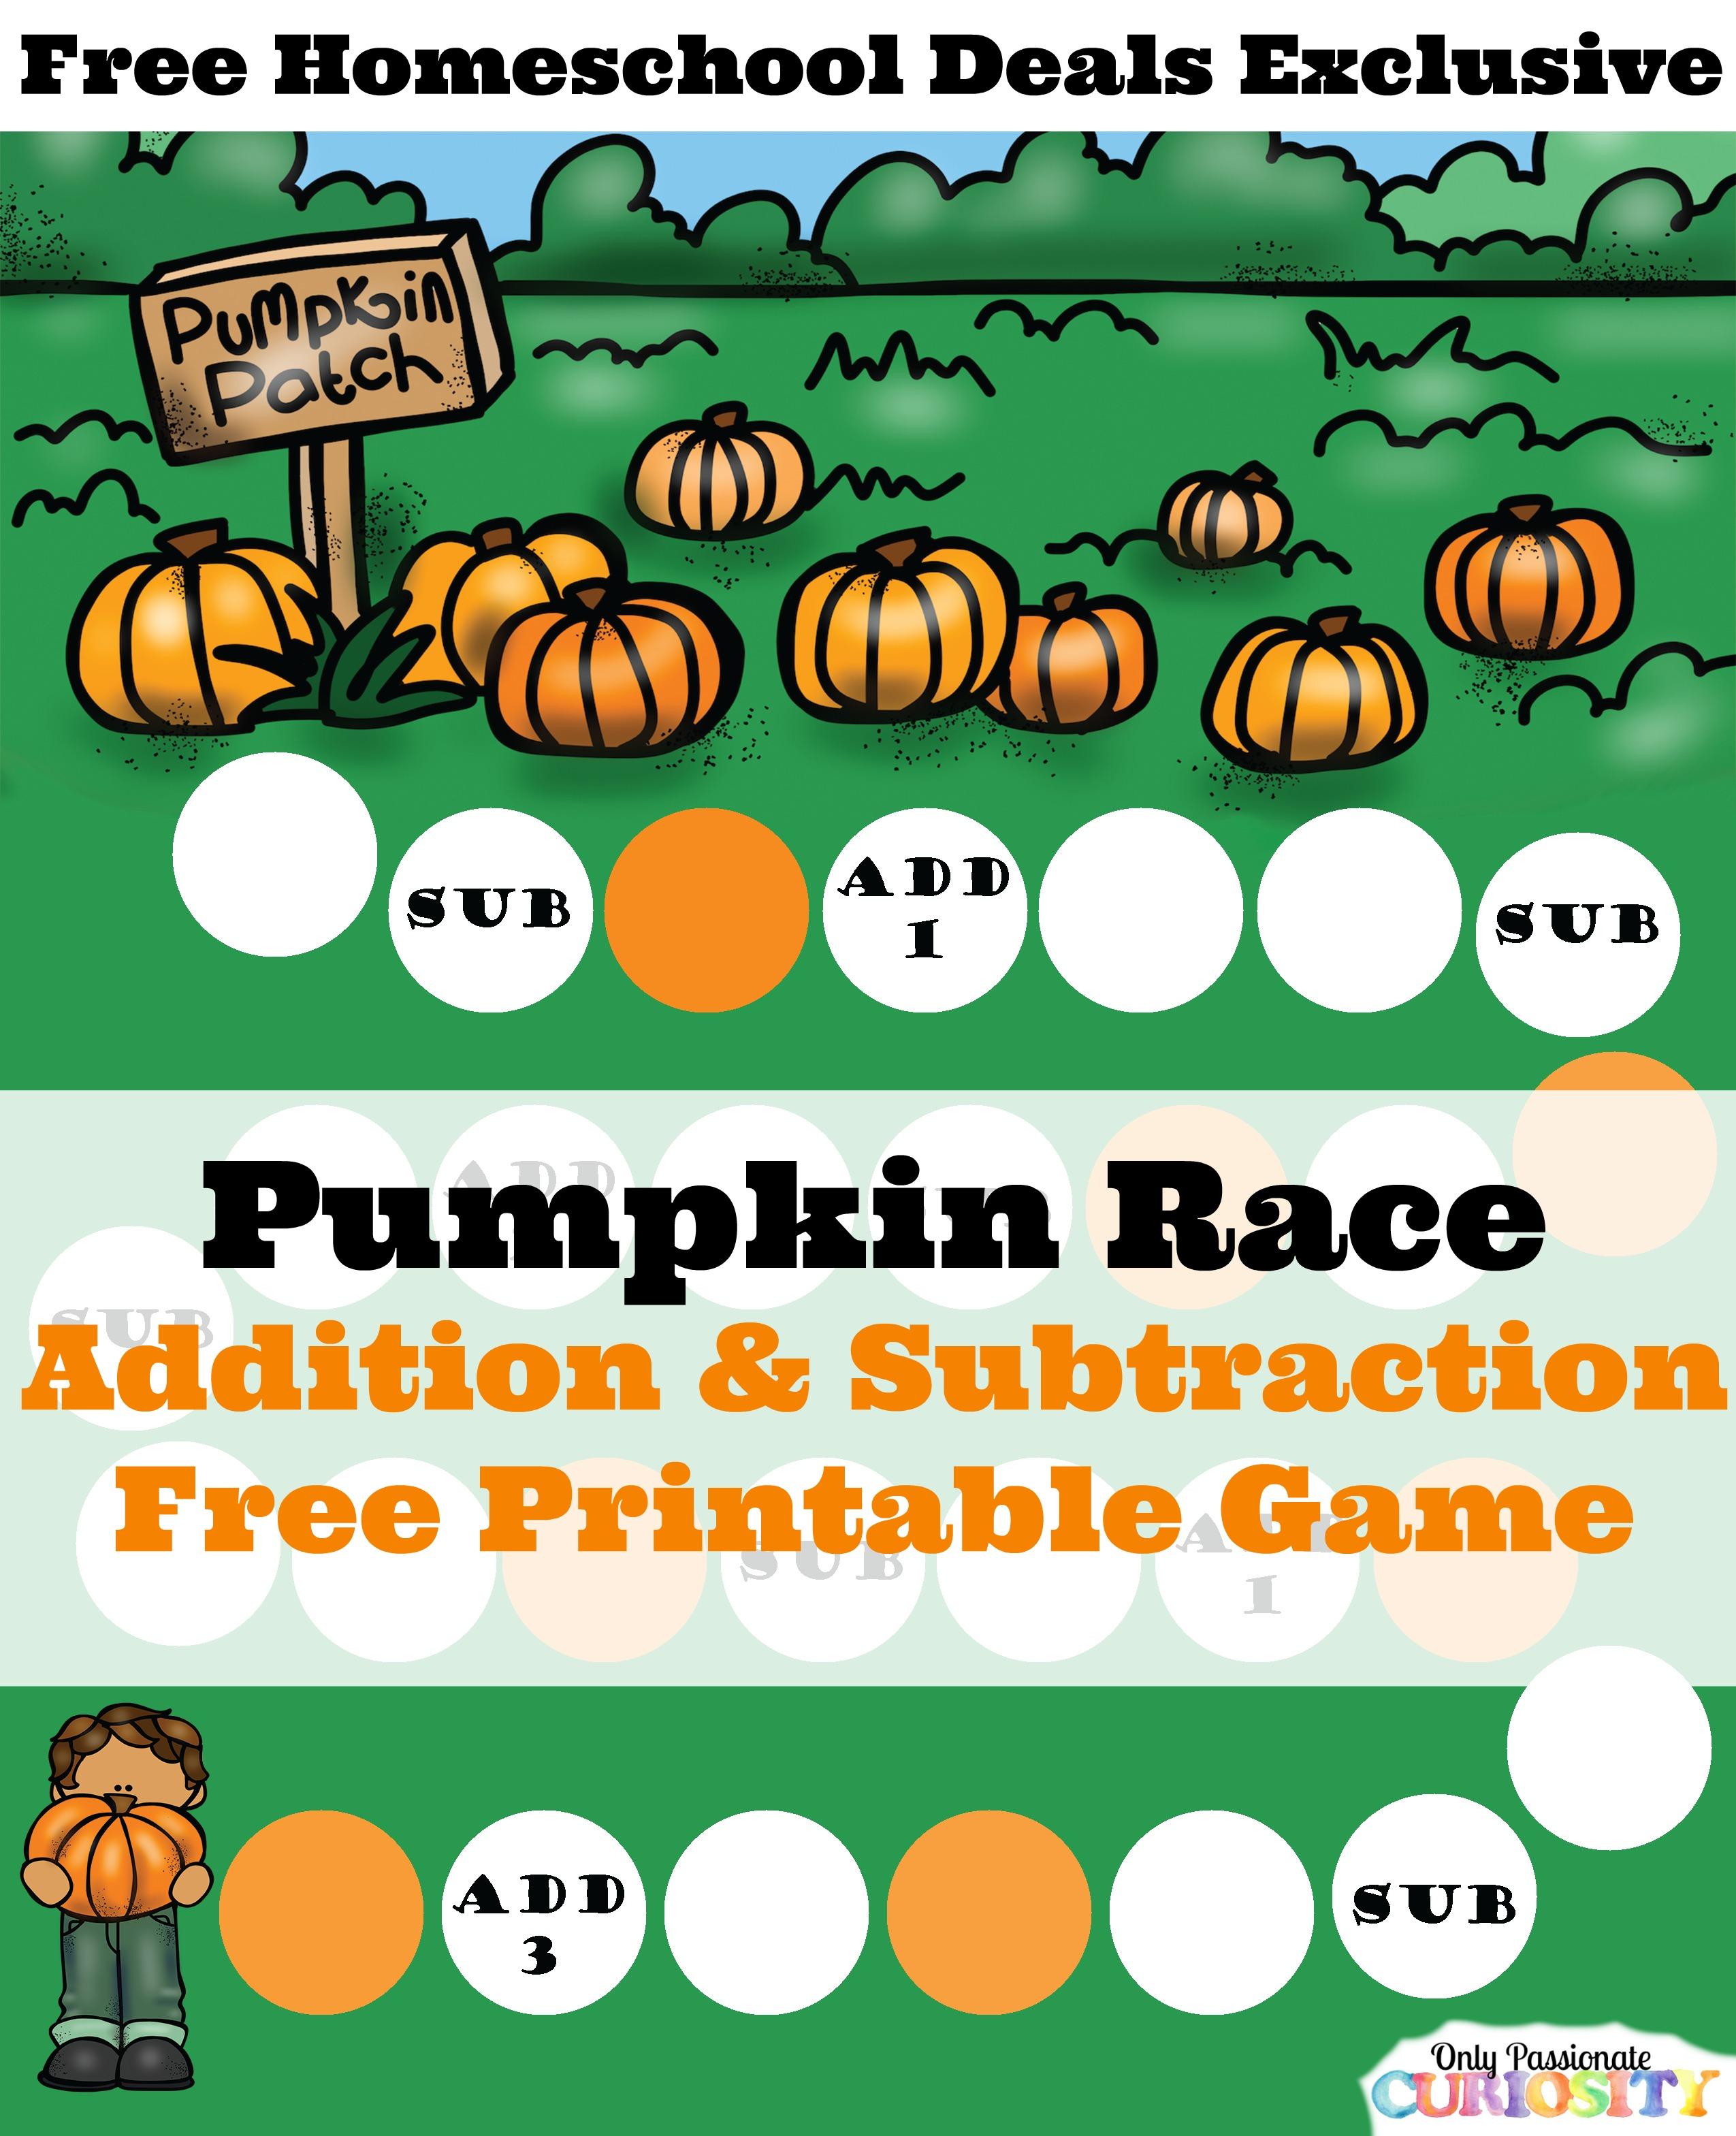 Pumpkin Race FHD